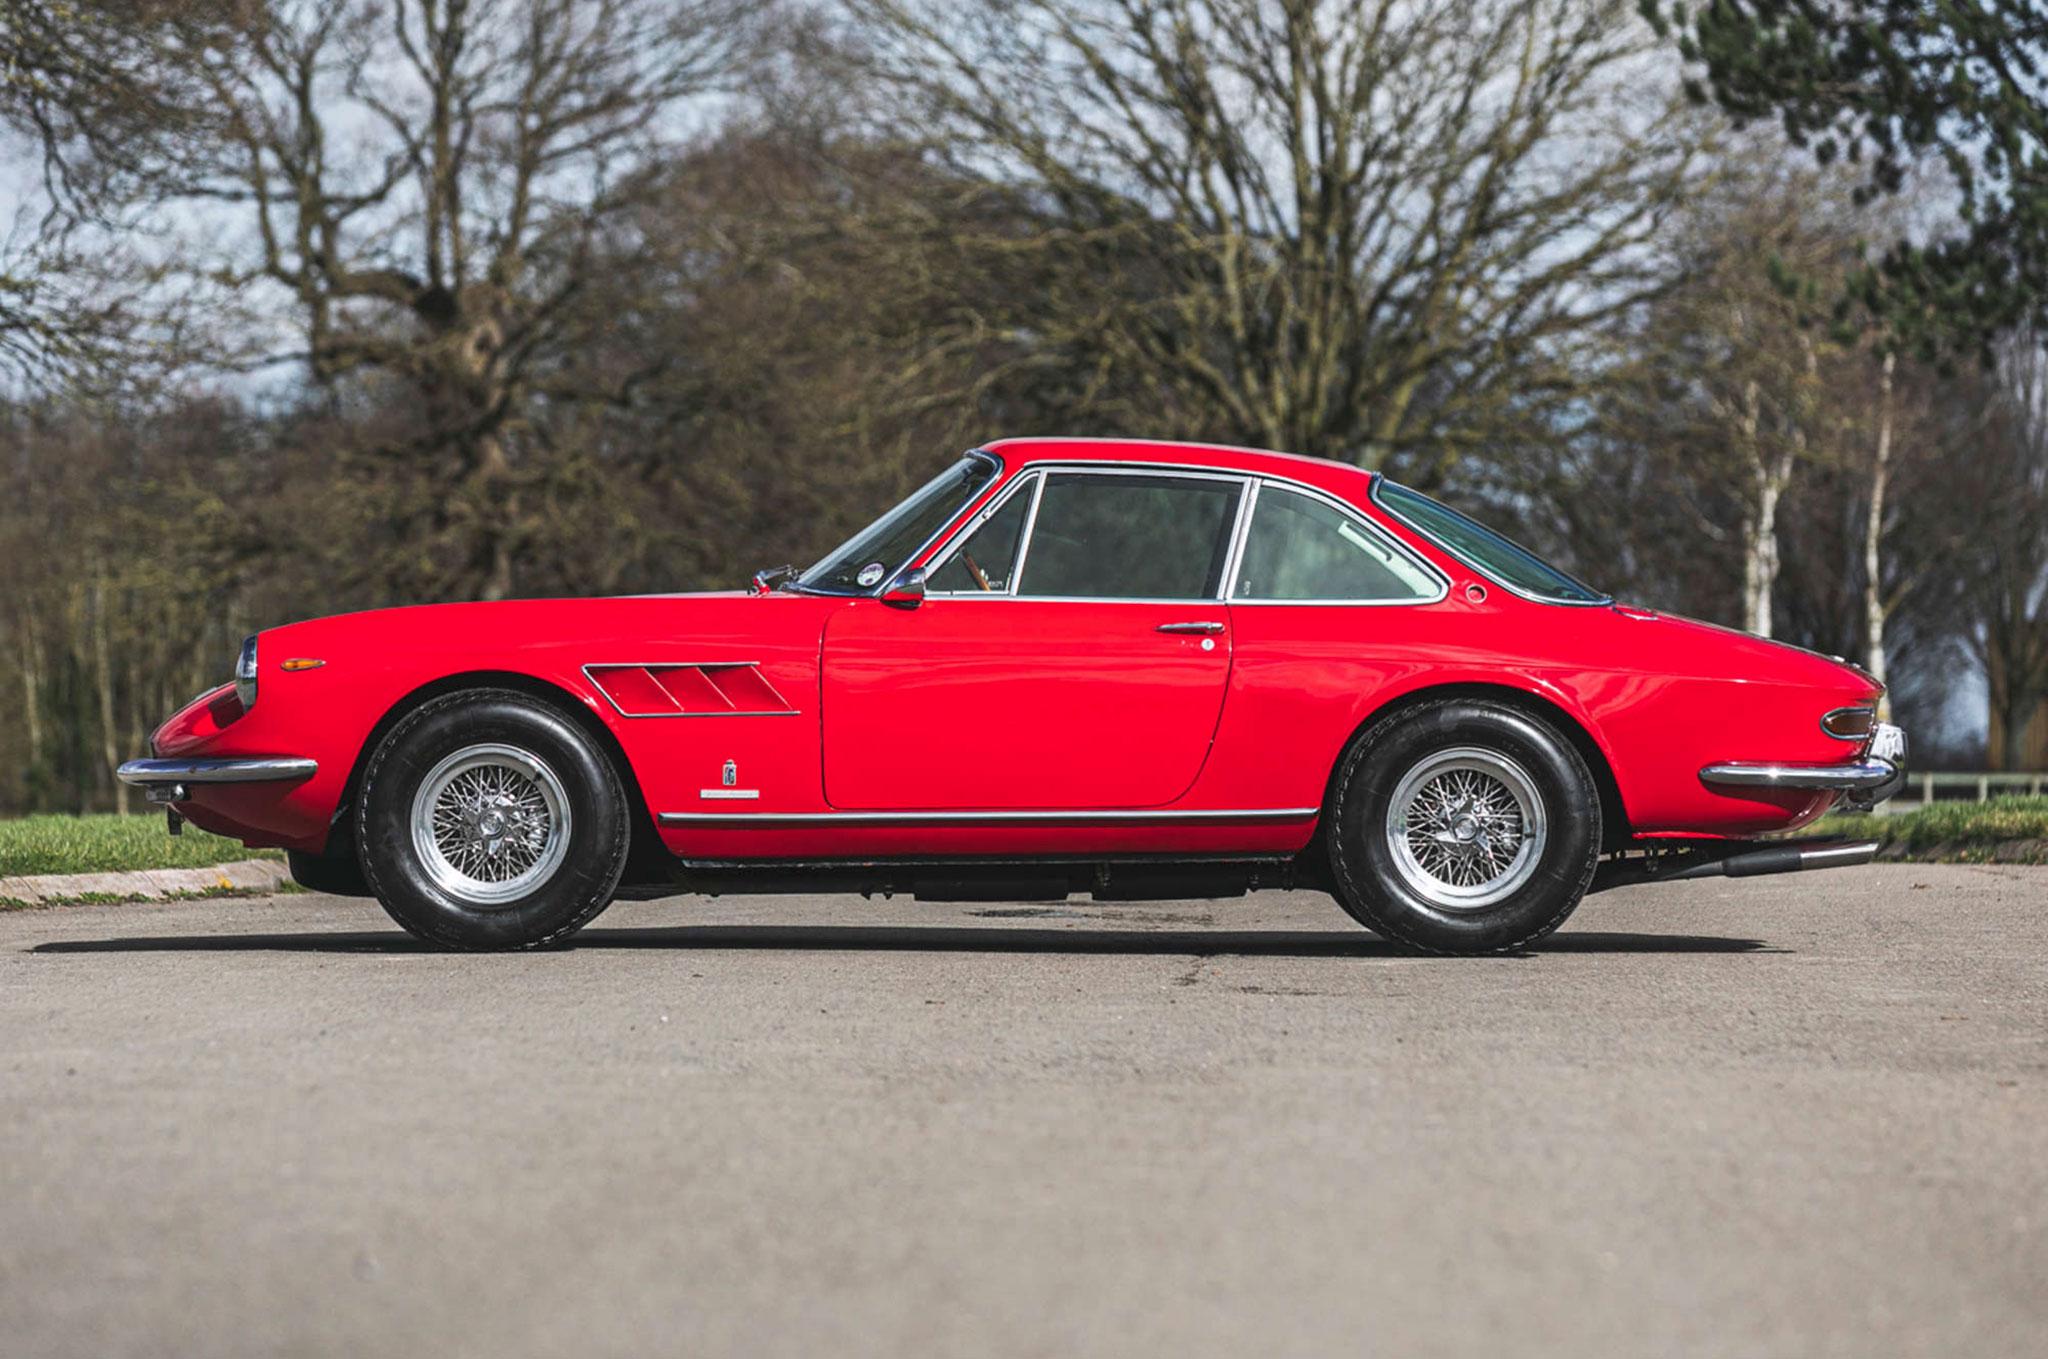 1968 Ferrari 330 GTC vue latérale côté gauche - Silverstone Auctions Mars 2021.